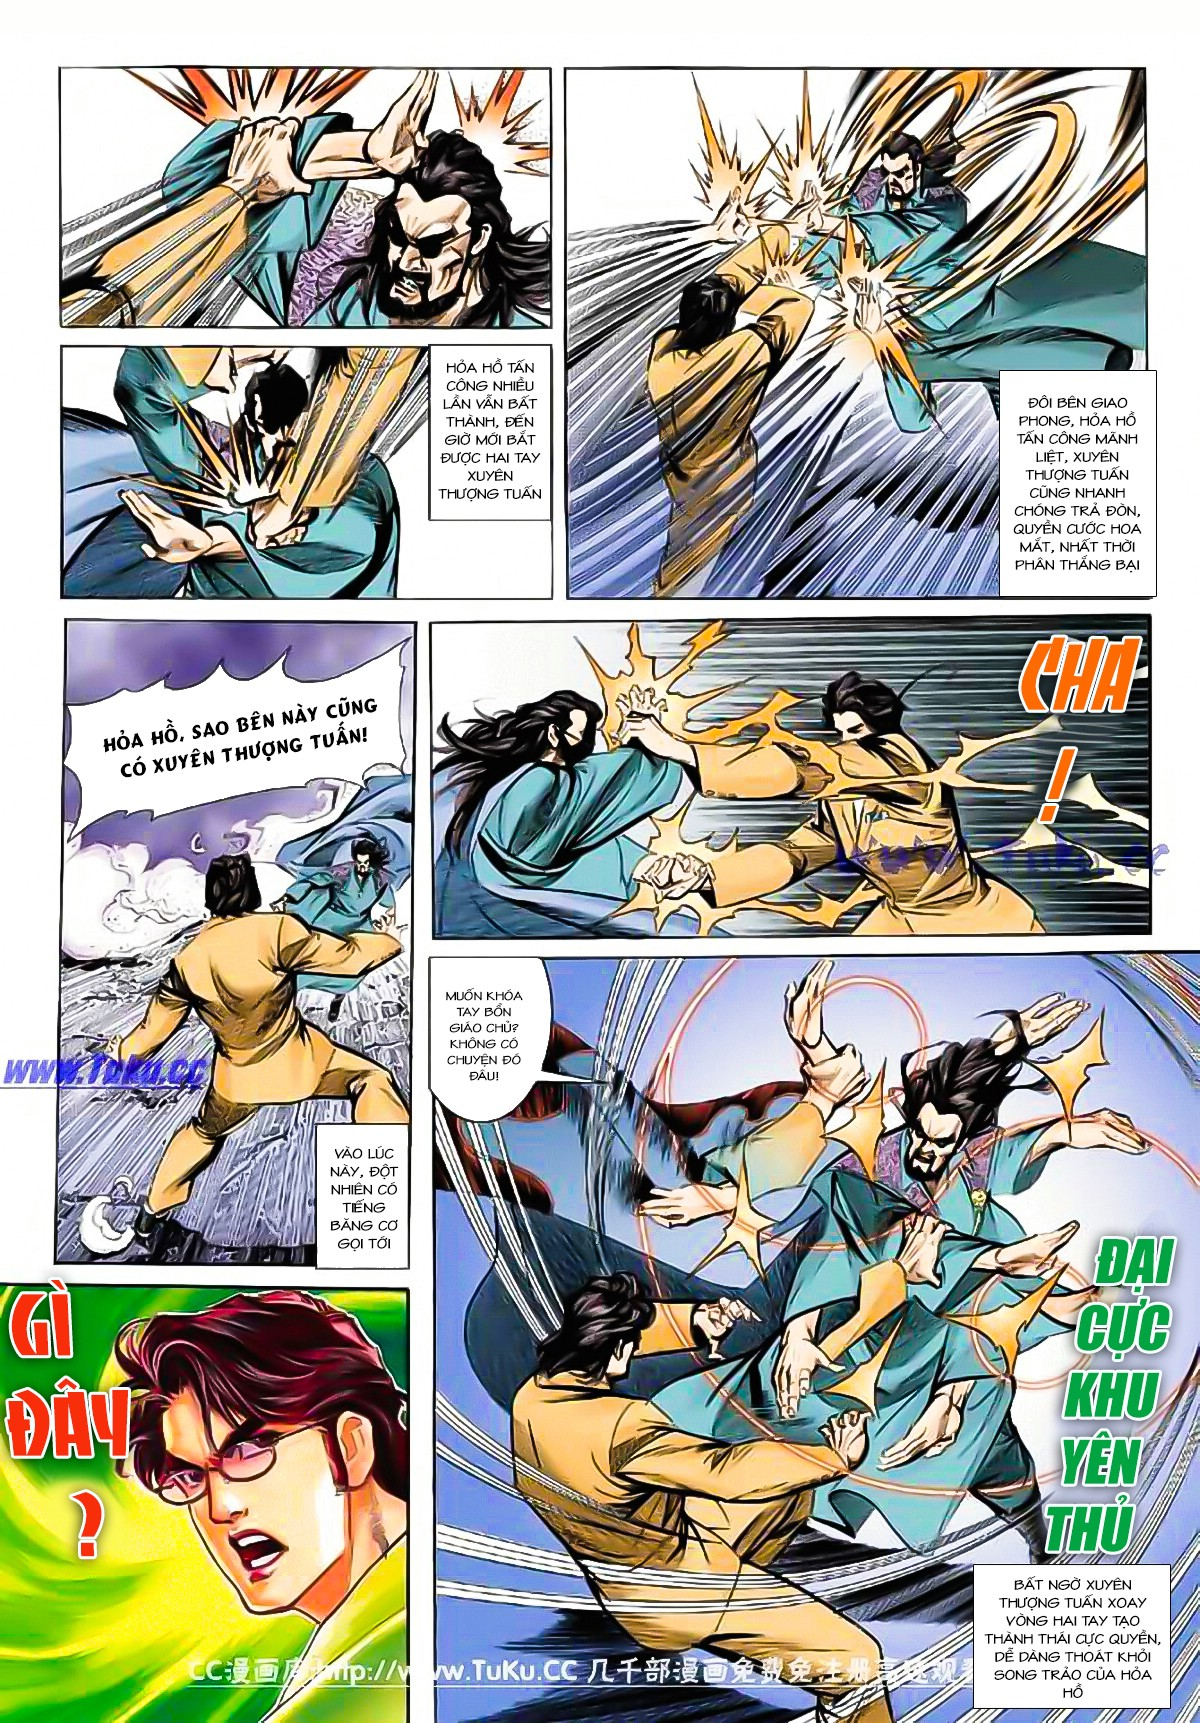 MỸ NỮ ĐẶC CÔNG 001 Chapter 22 - Hamtruyen.vn